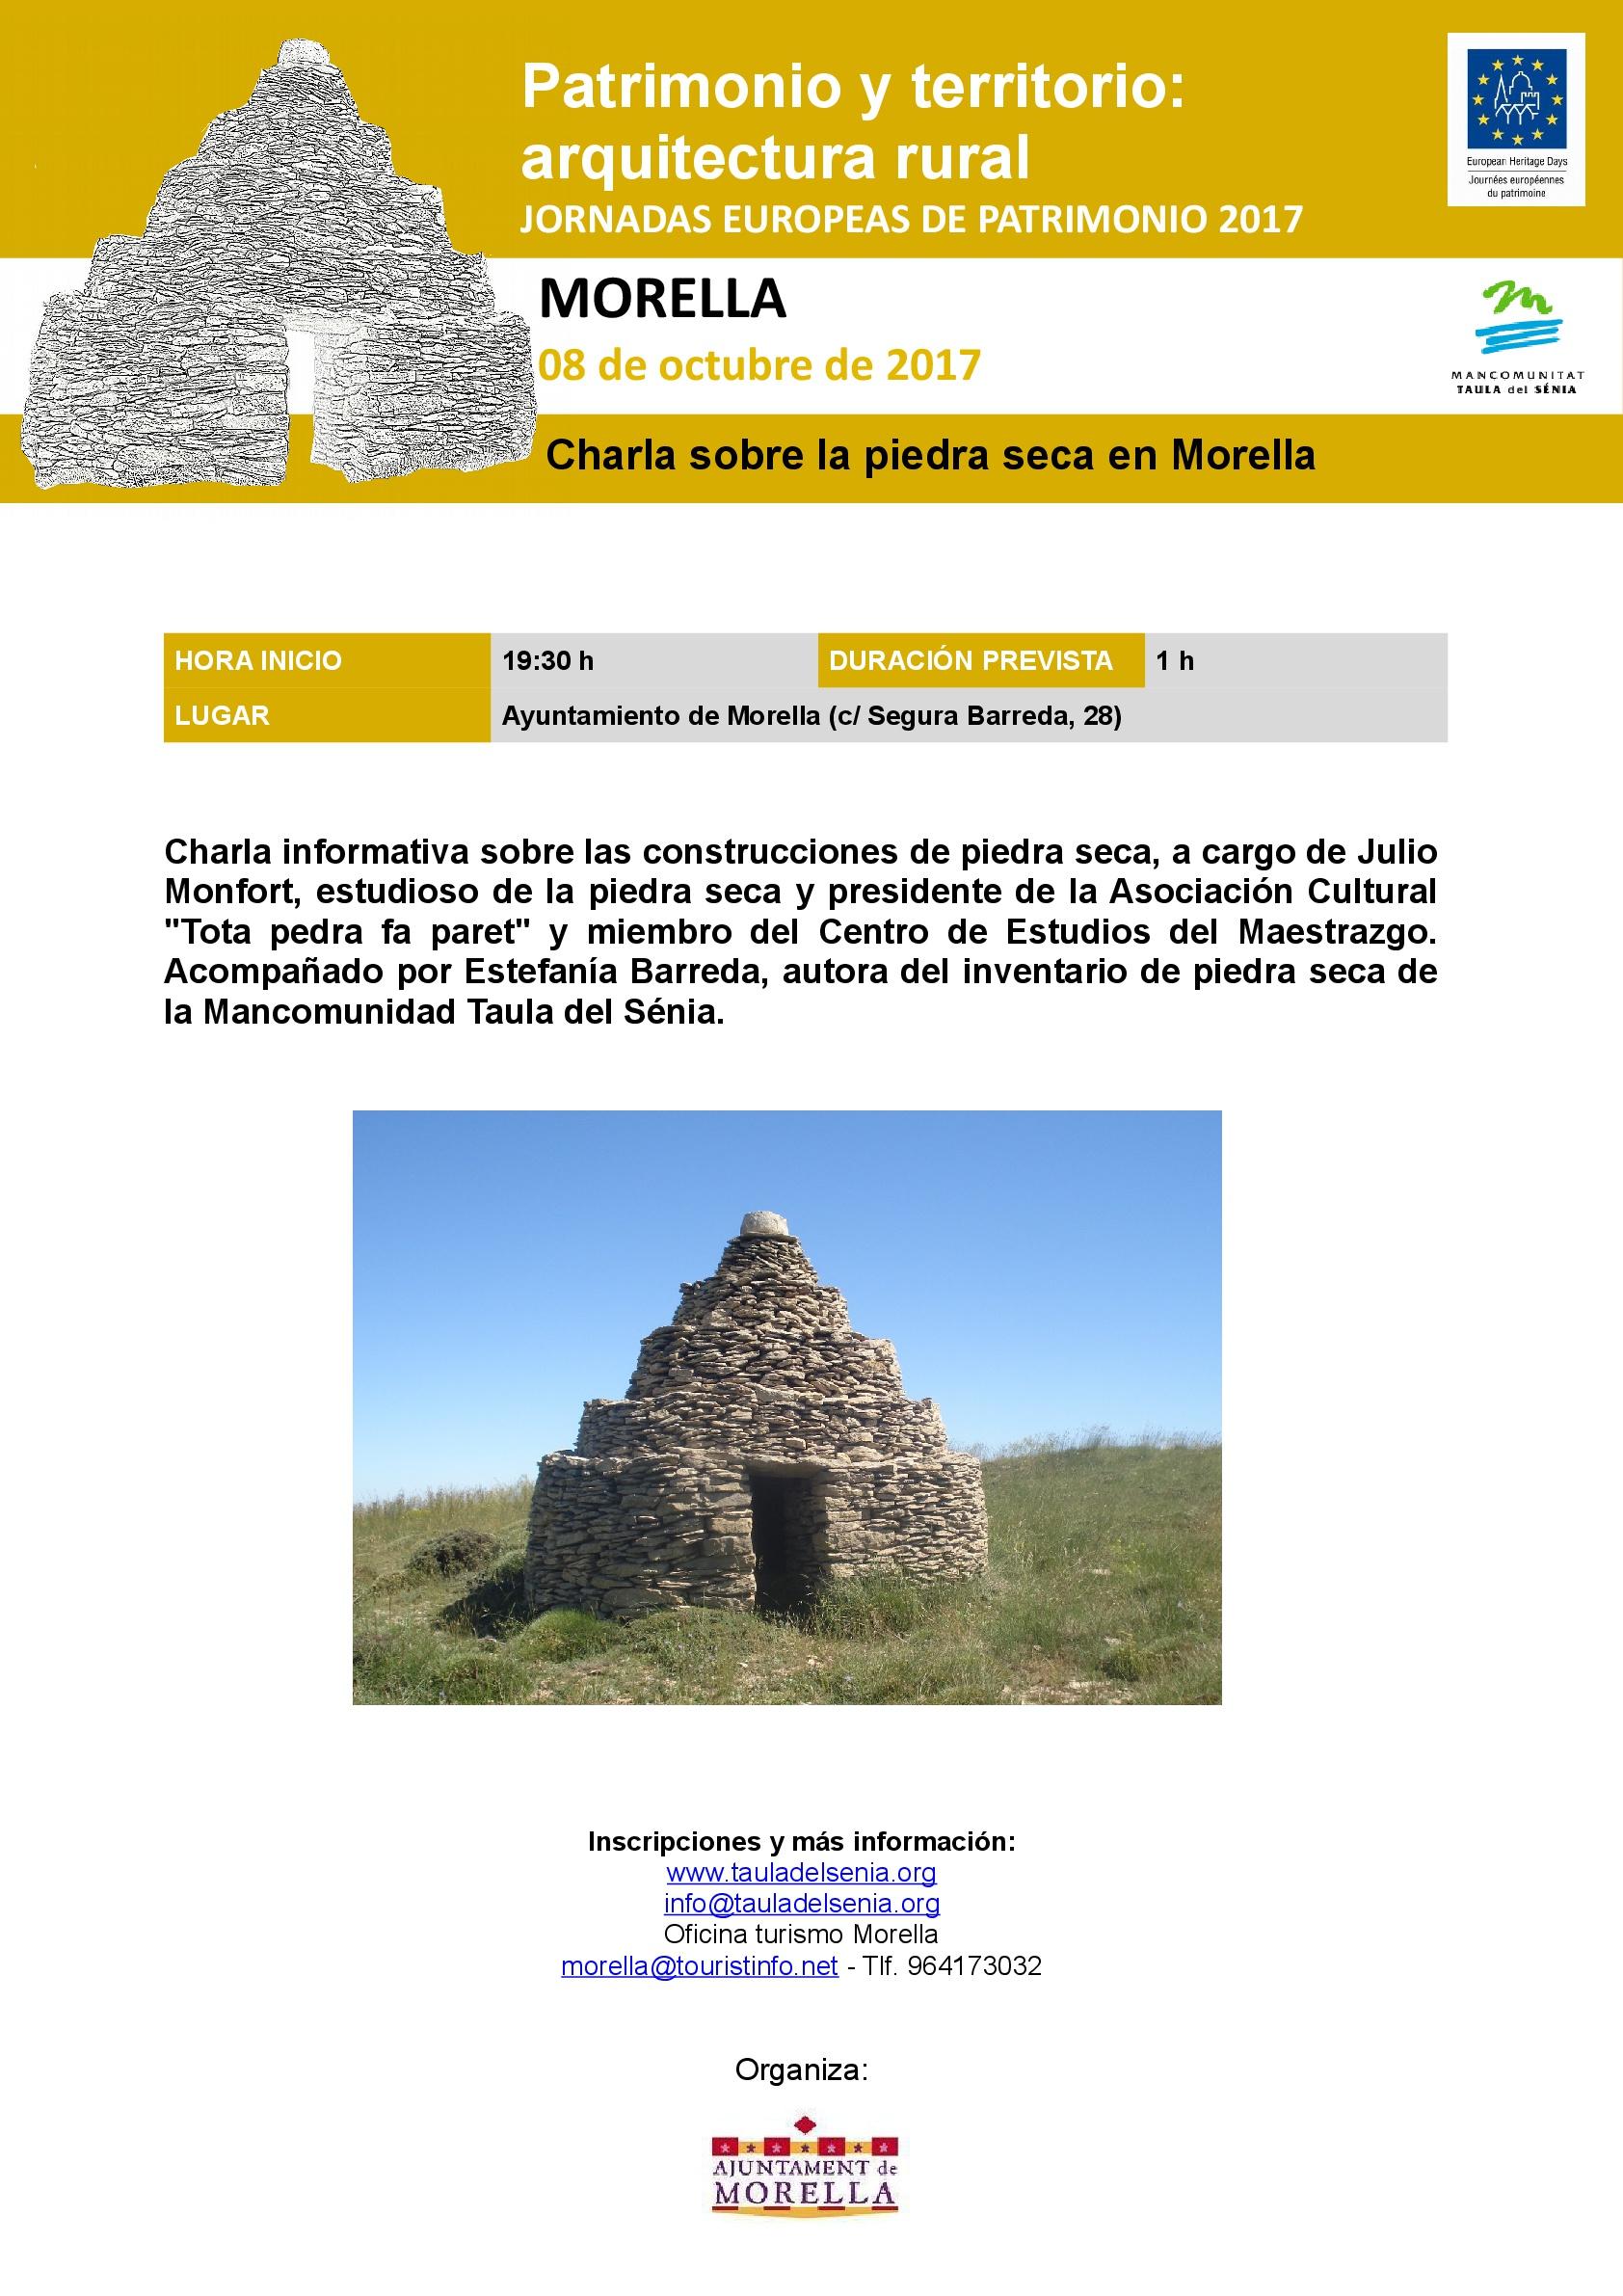 11 Morella_es-001